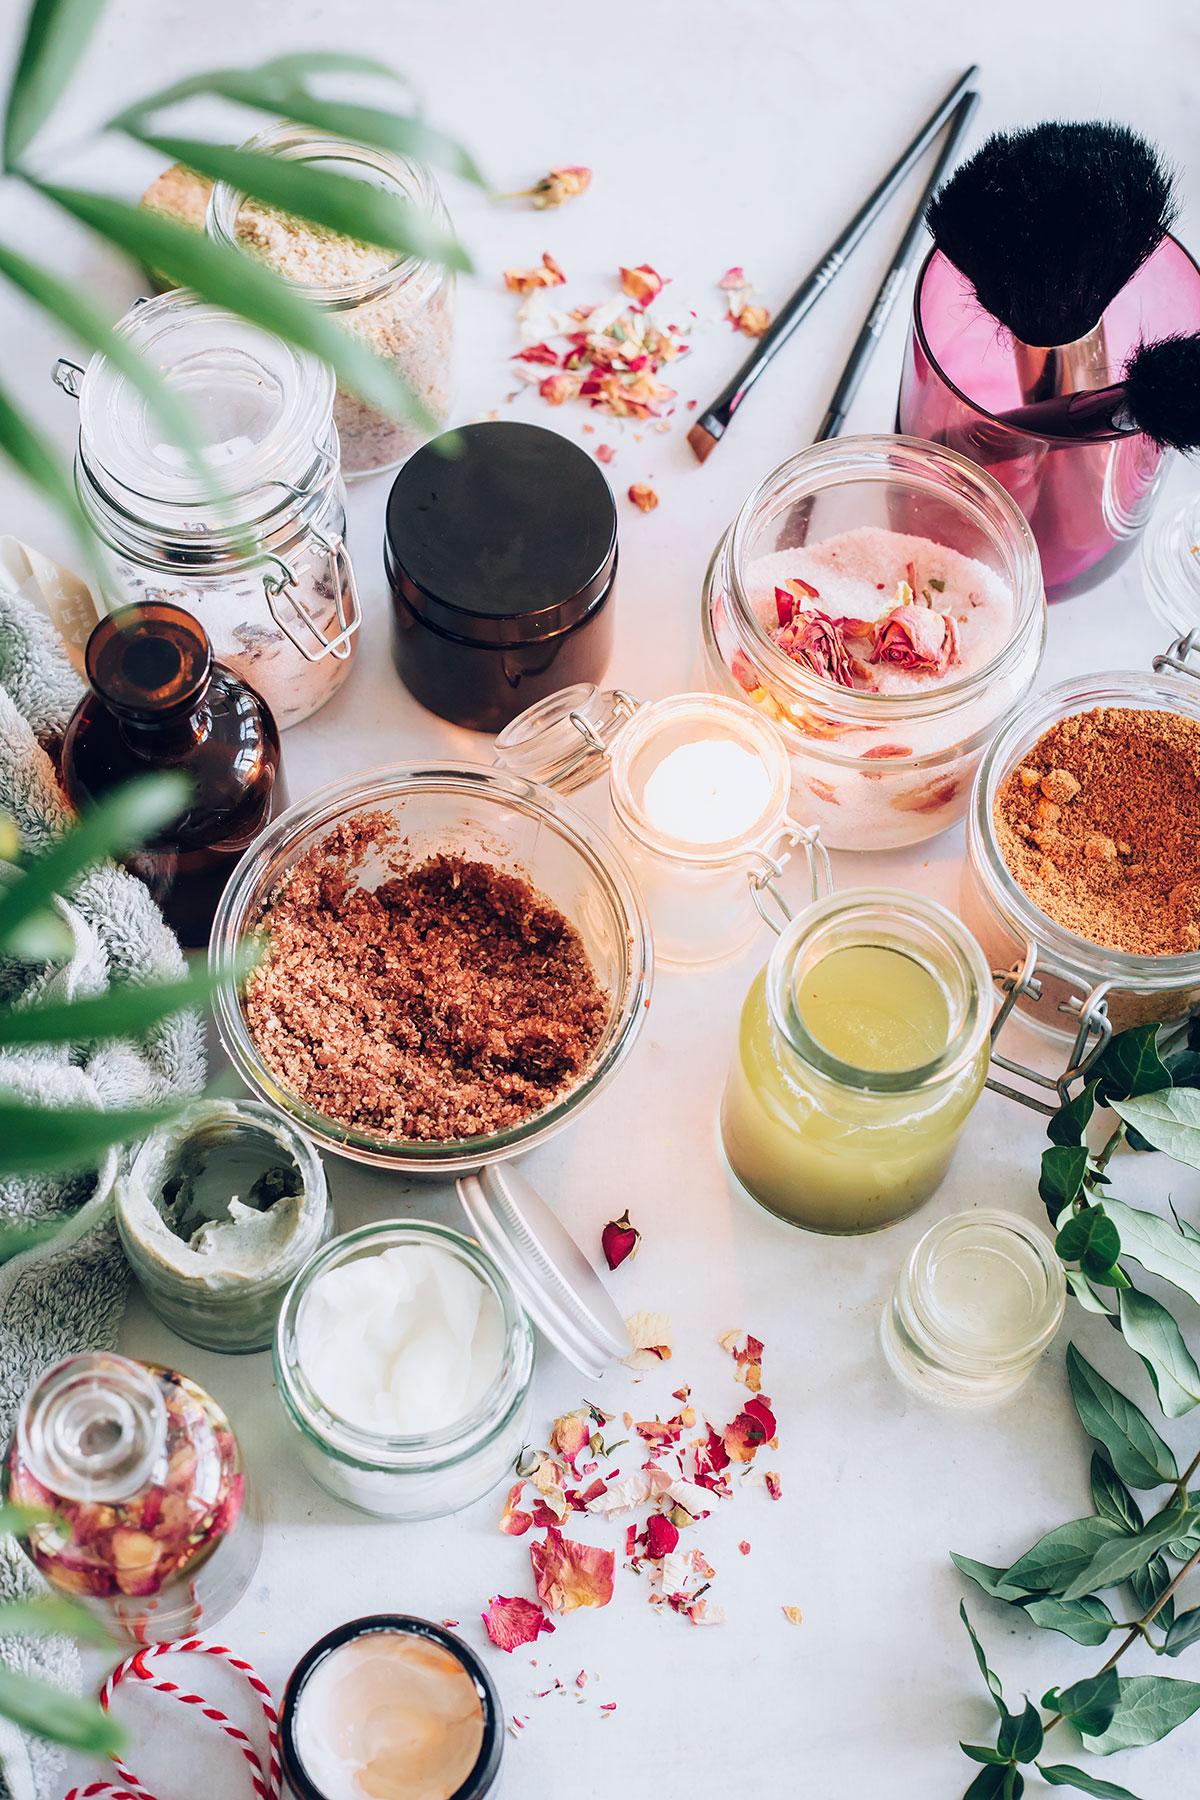 15 DIY Beauty Gifts In A Jar